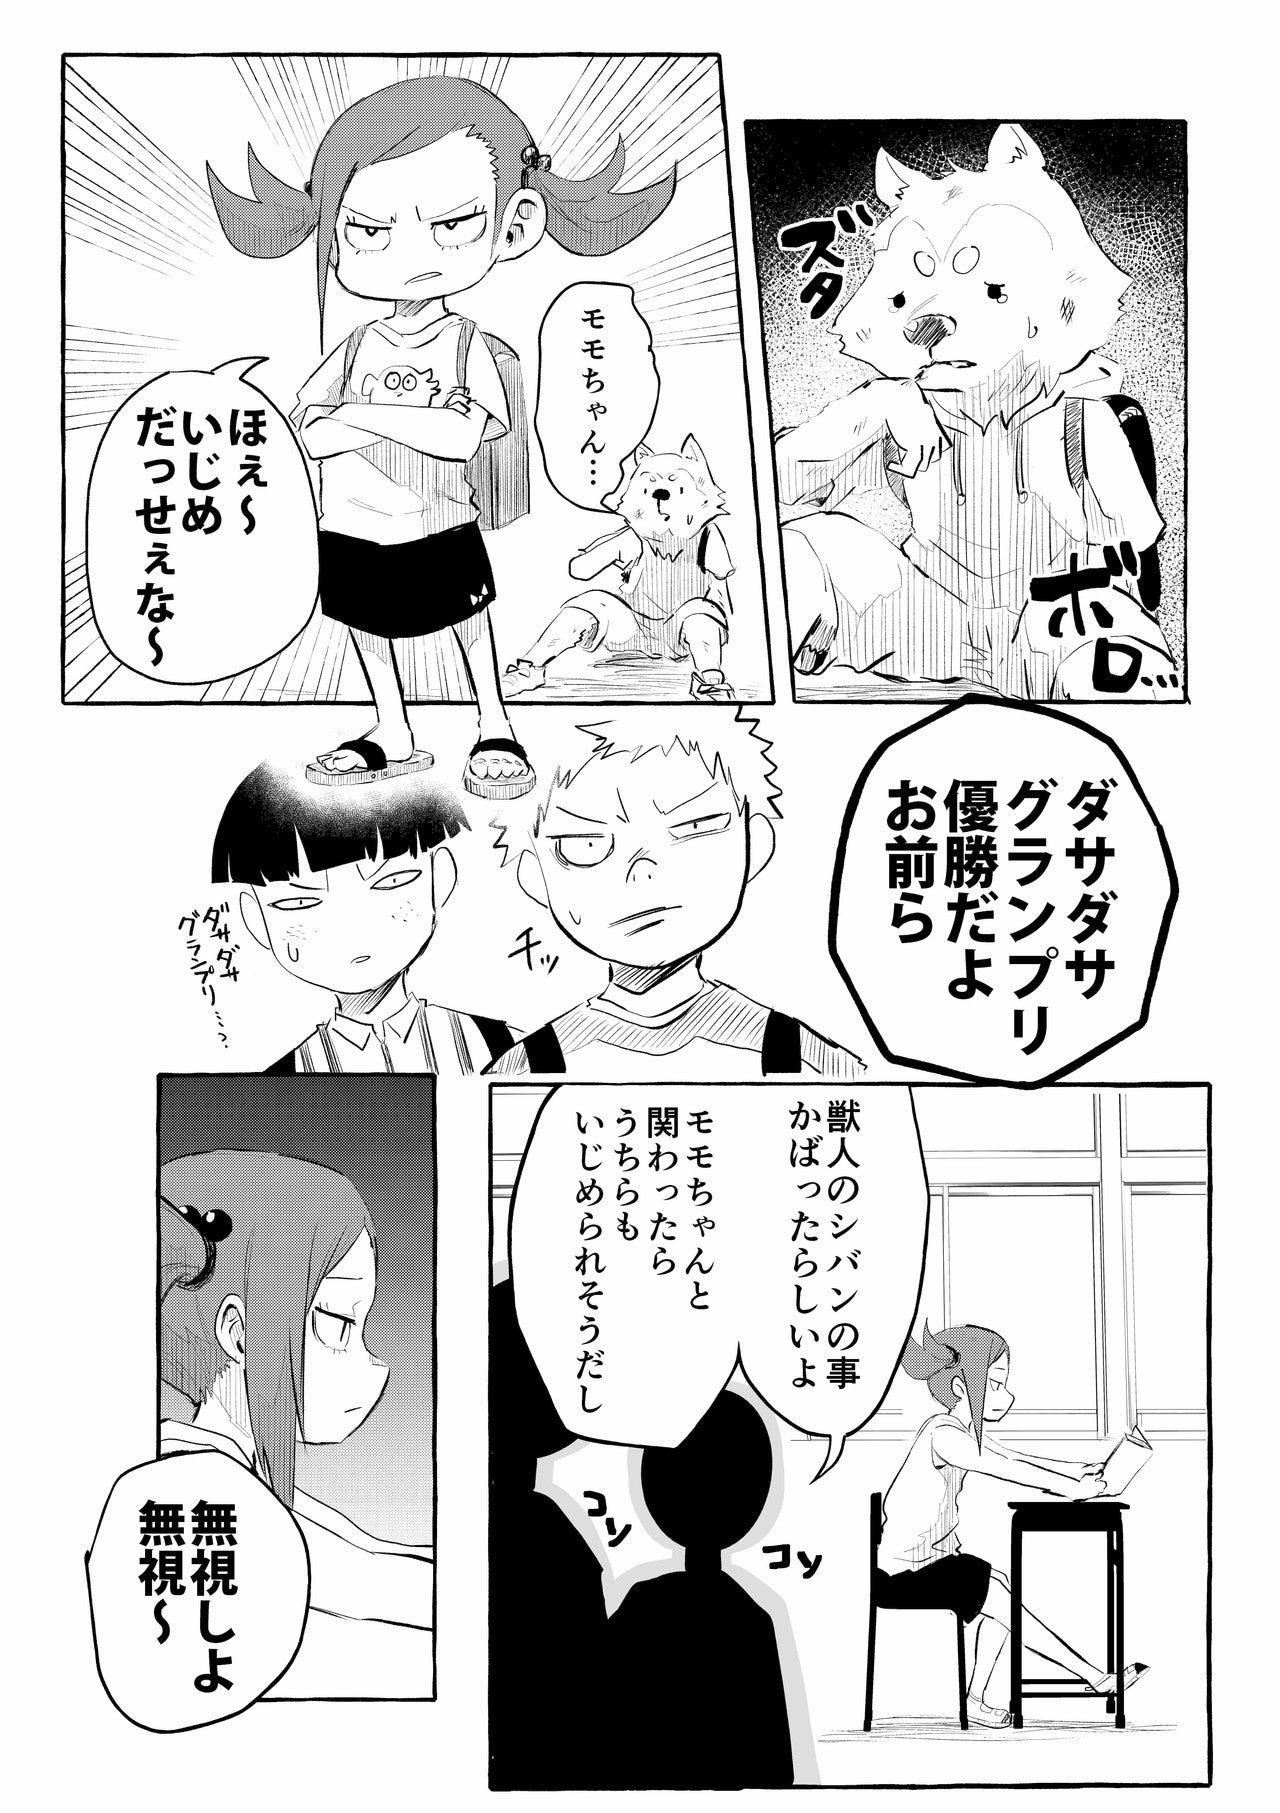 獣人ダンディ_001